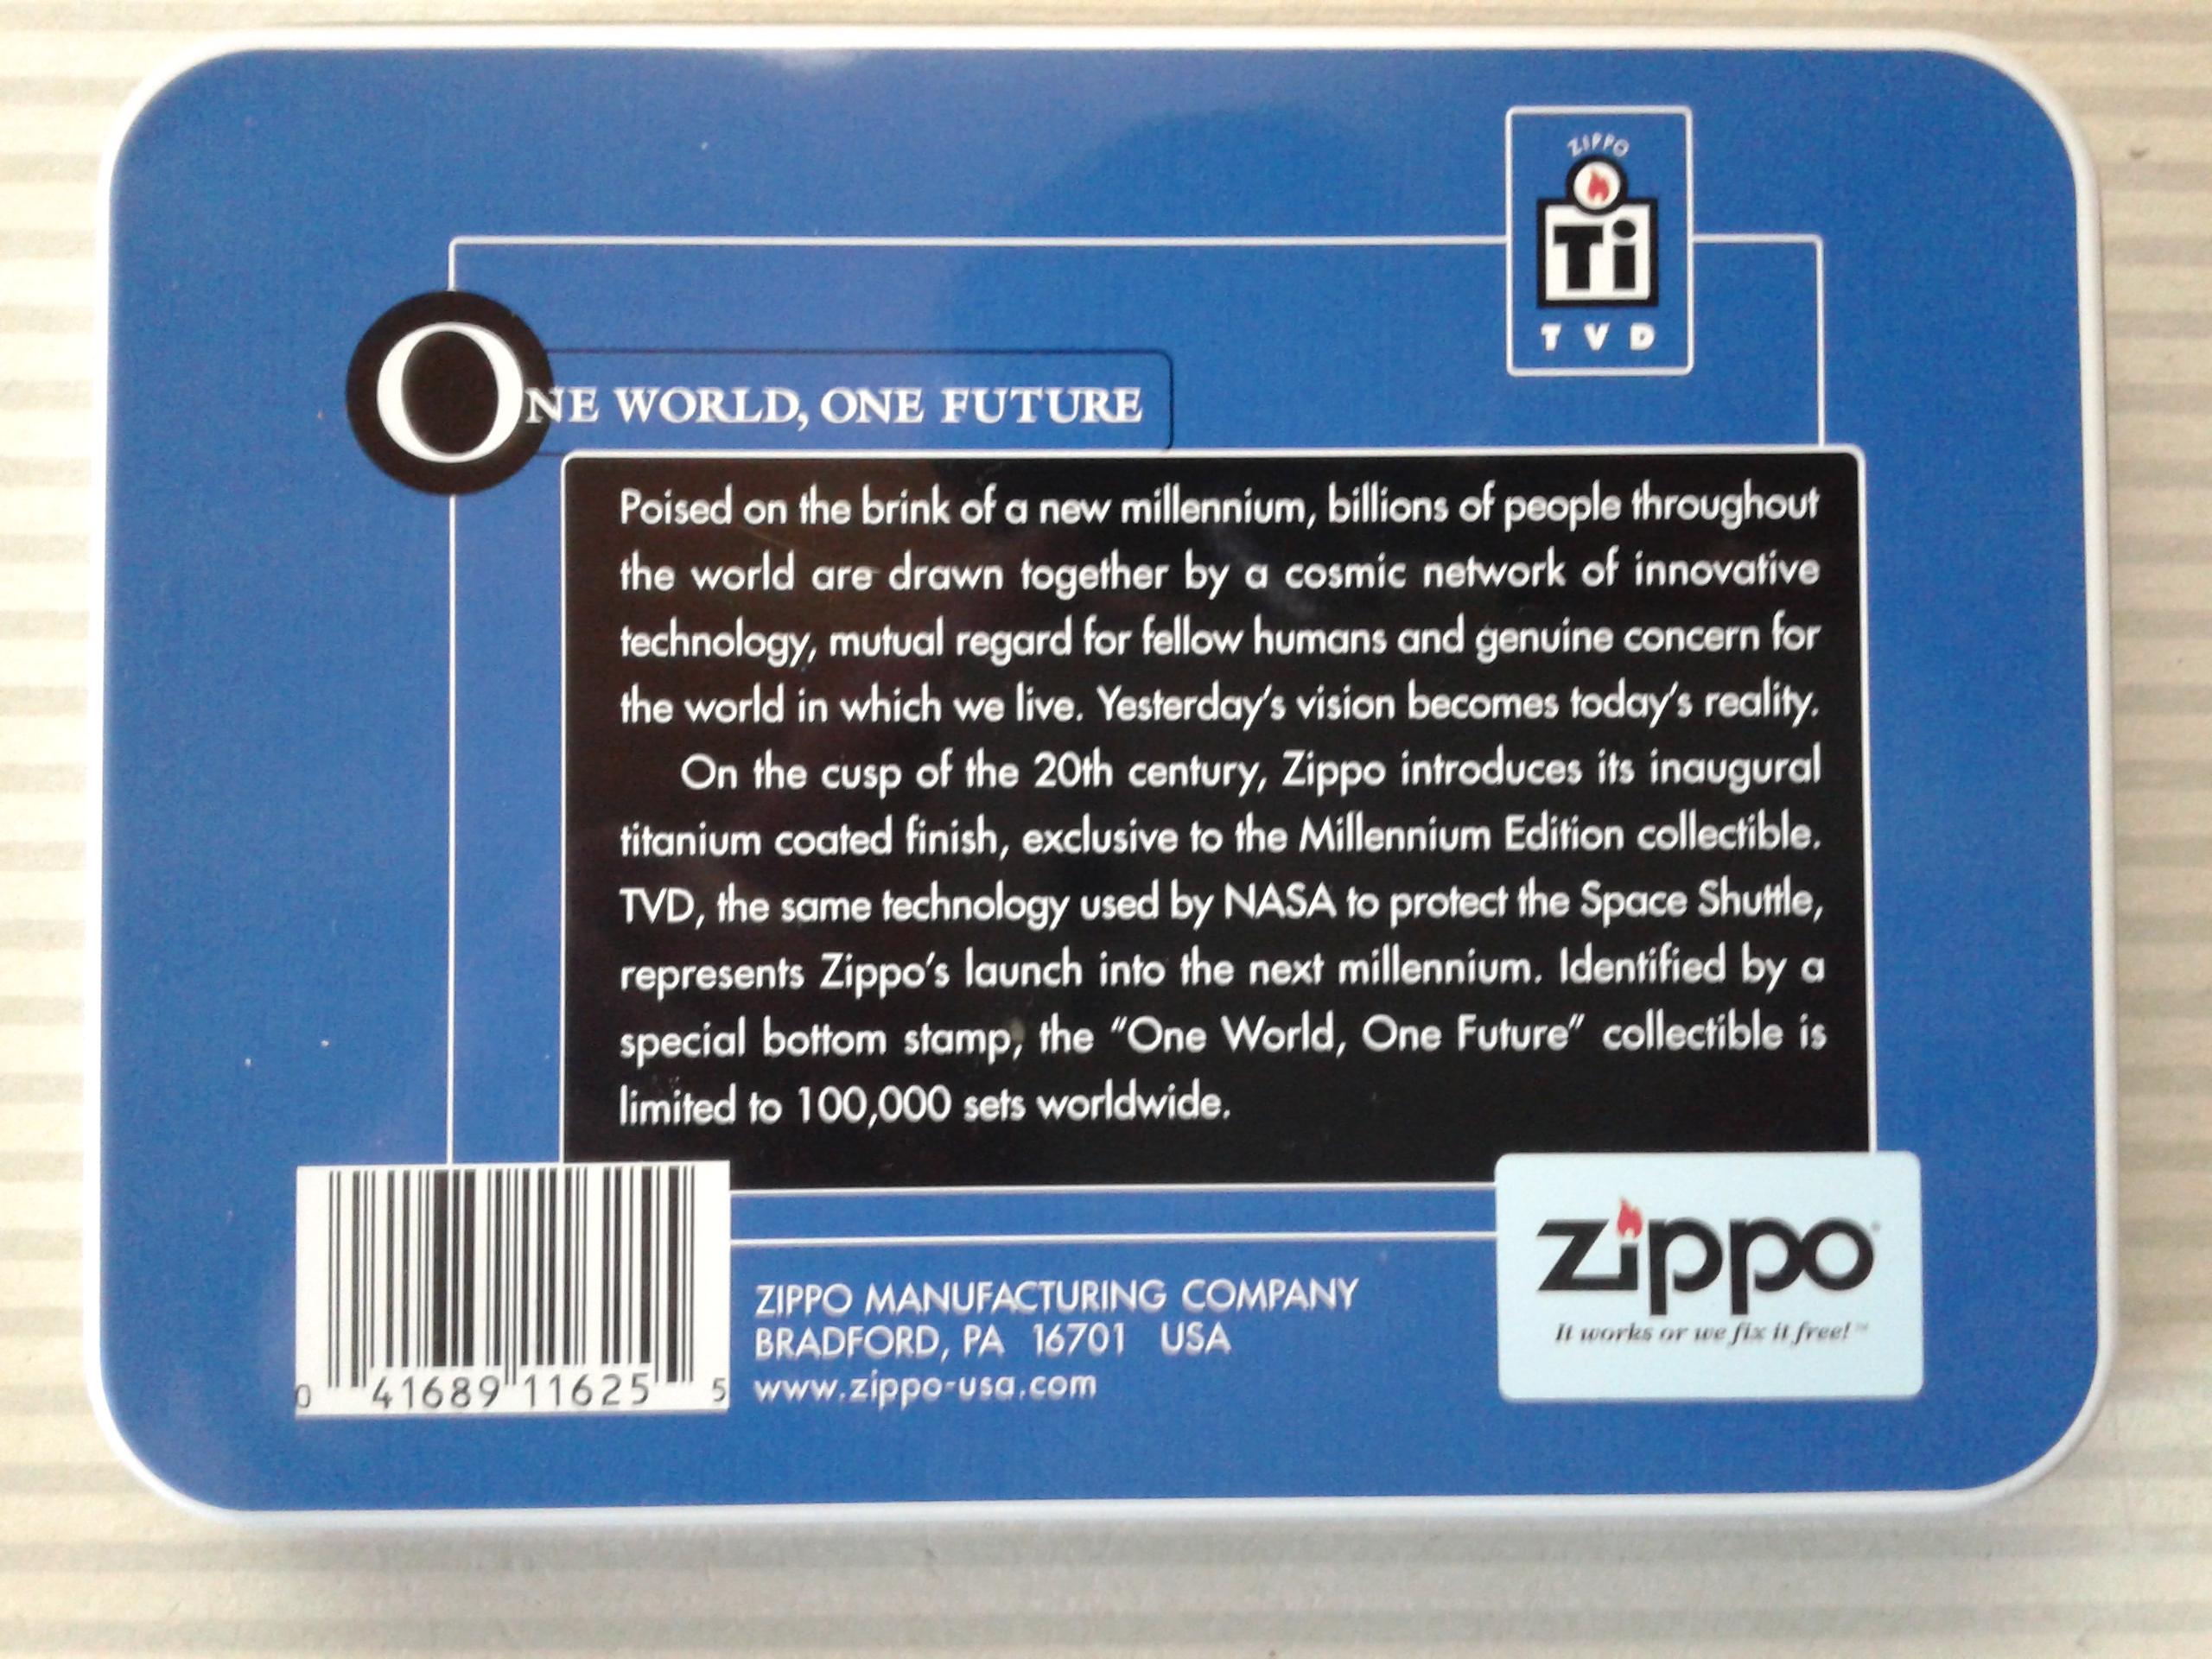 Les boites Zippo au fil du temps - Page 2 225506Titanium4